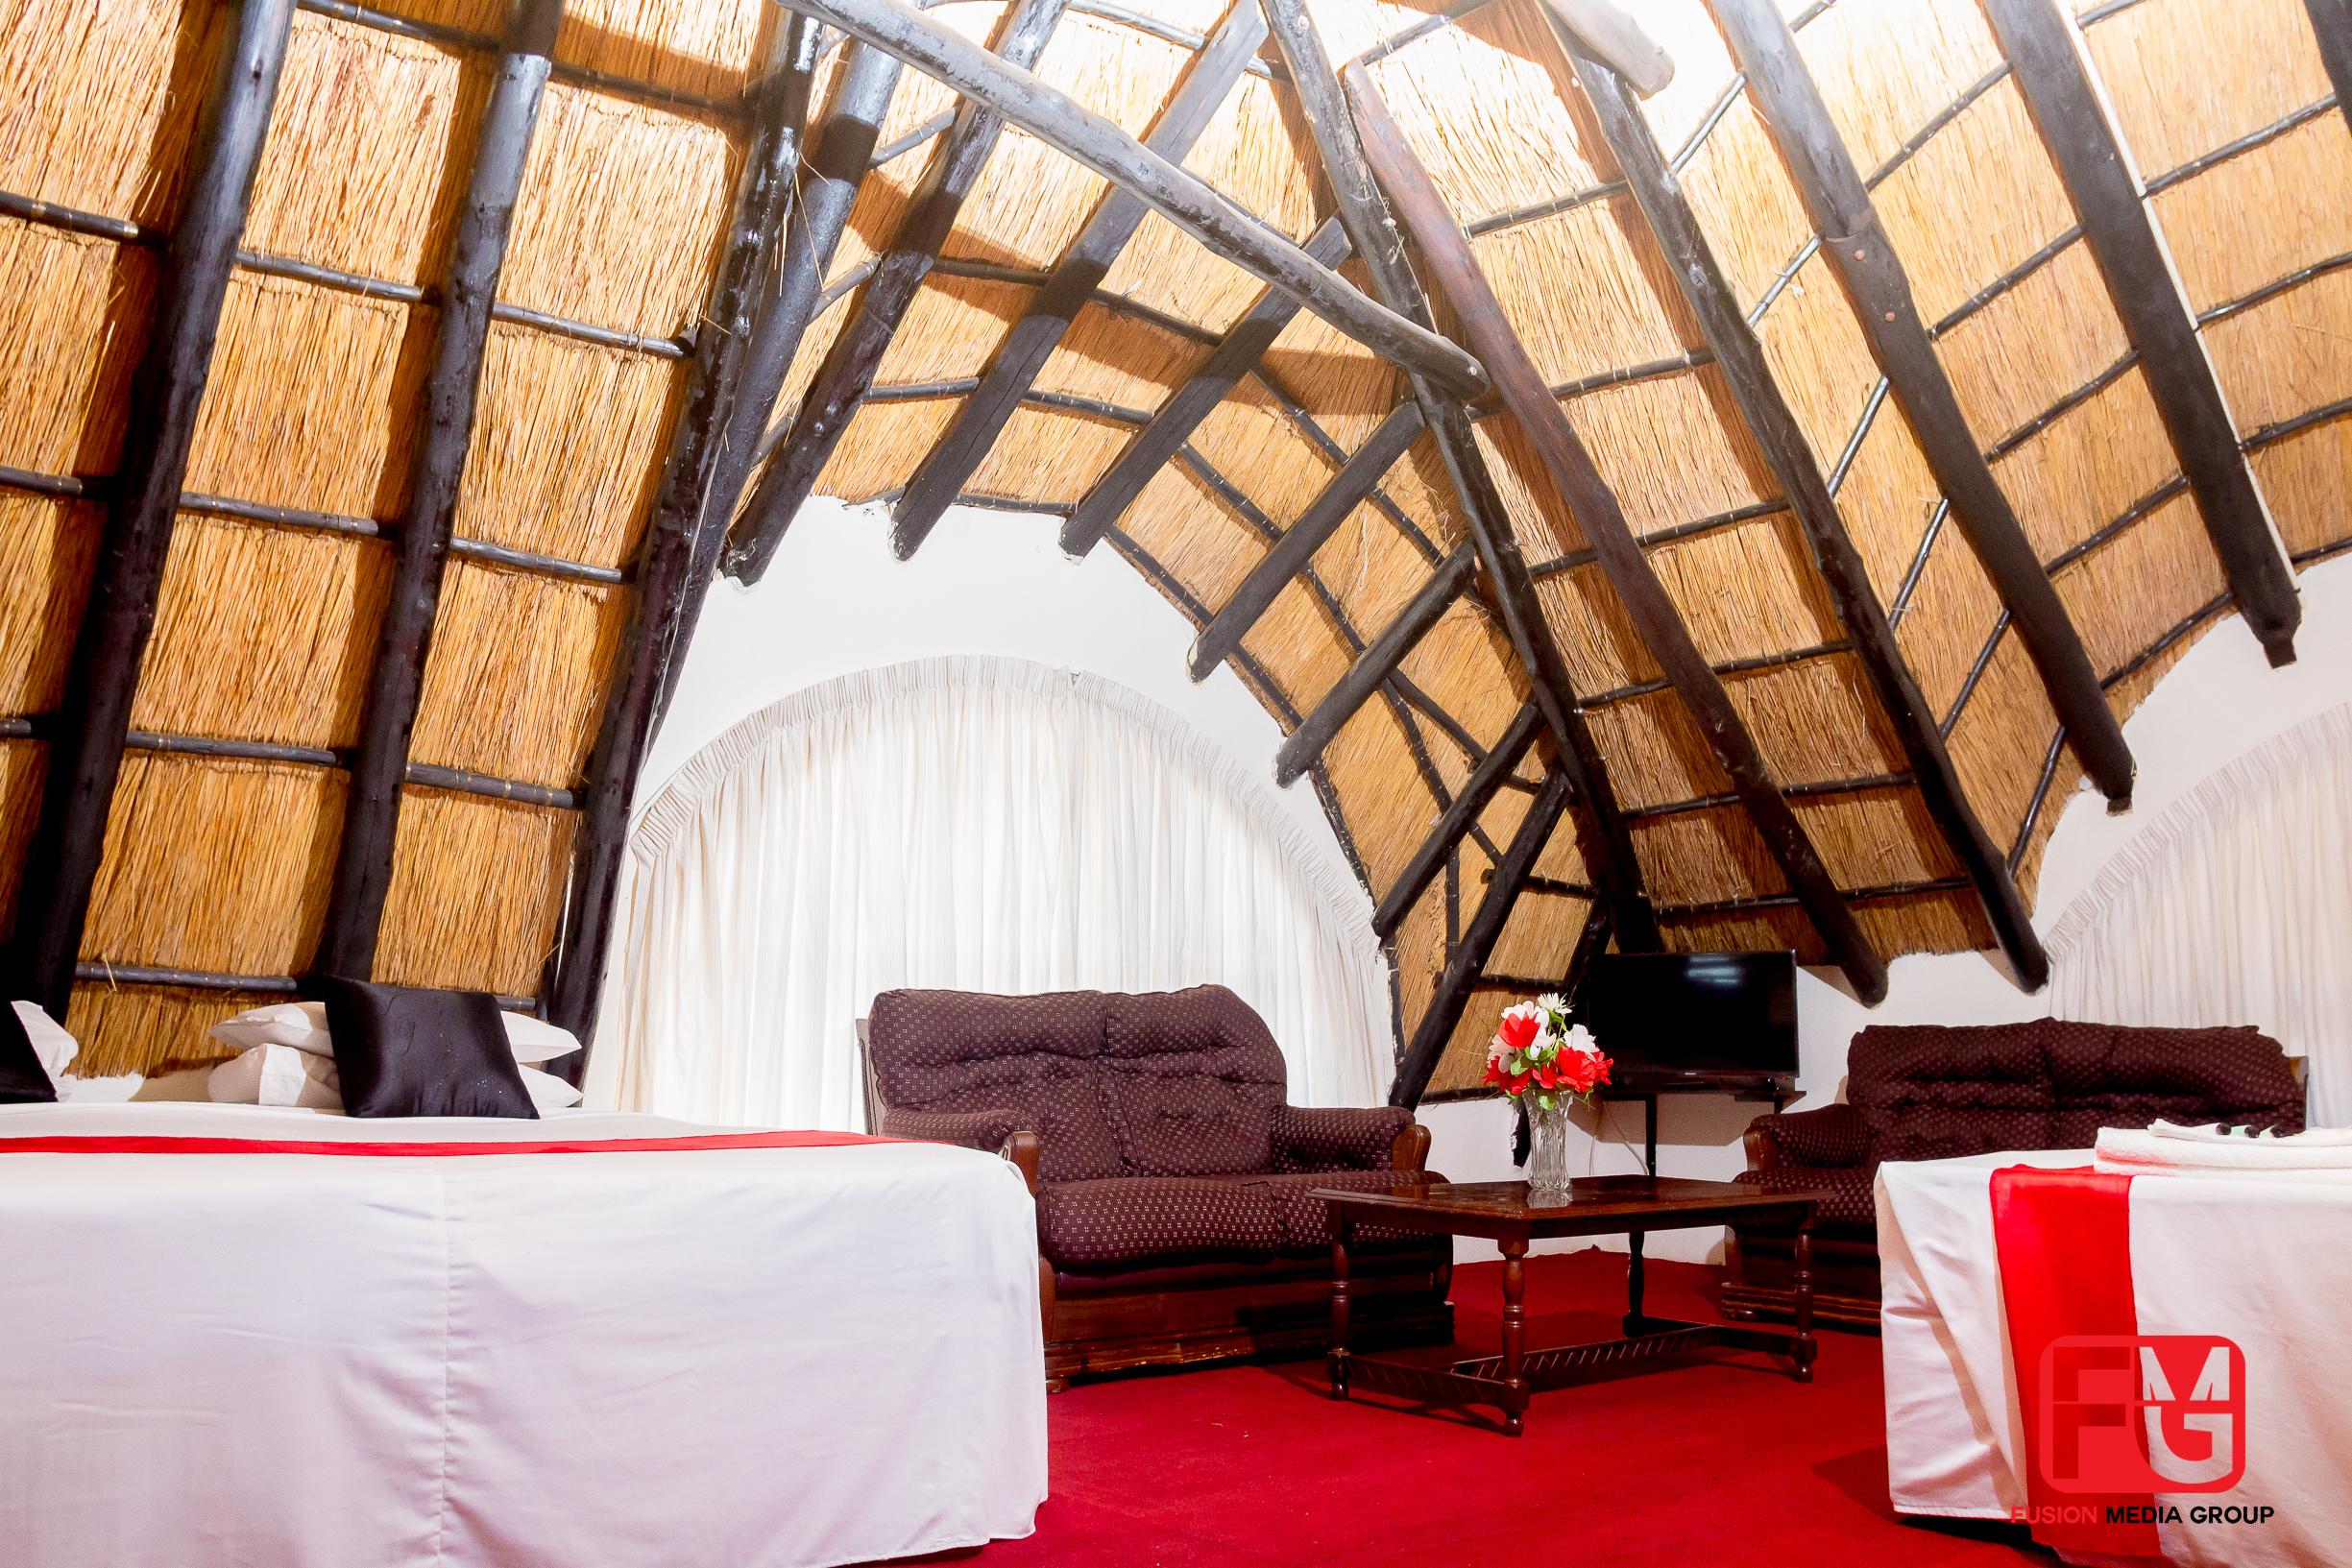 Lalani Hotel twin room - Bulawayo conference venue with accommodation - Bulawayo workshop venue - Zimbabwe weddings